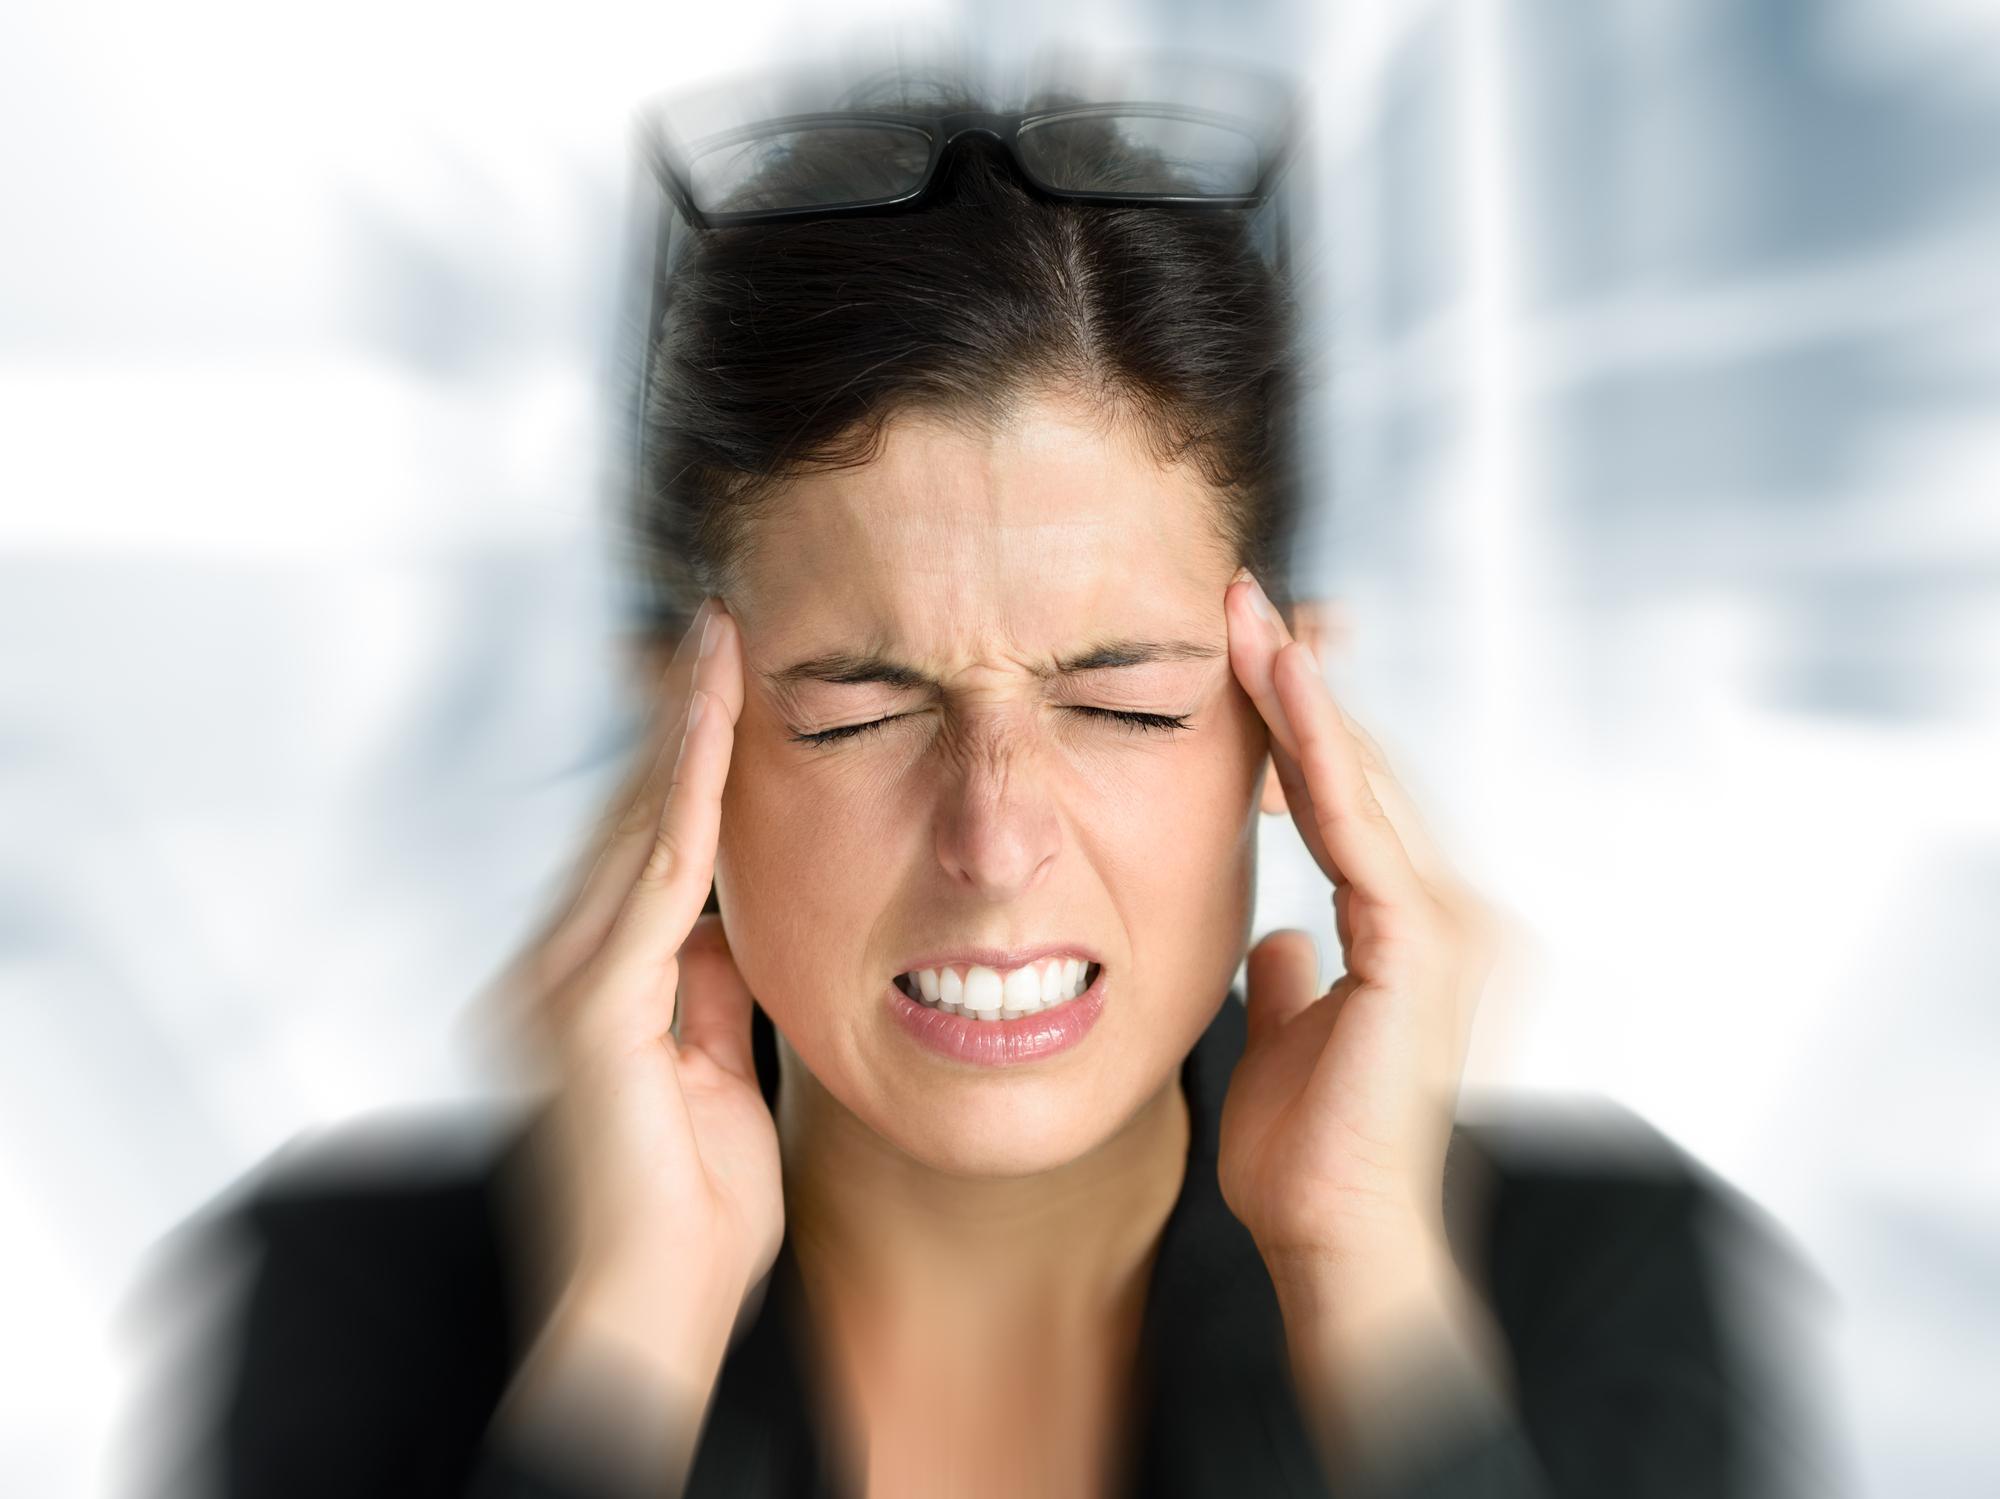 Унекоторых людей приступы мигрени бывают очень болезненными ипродолжительными. Спровоцировать их могут стресс, перенапряжение, недостаток сна идругие факторы.